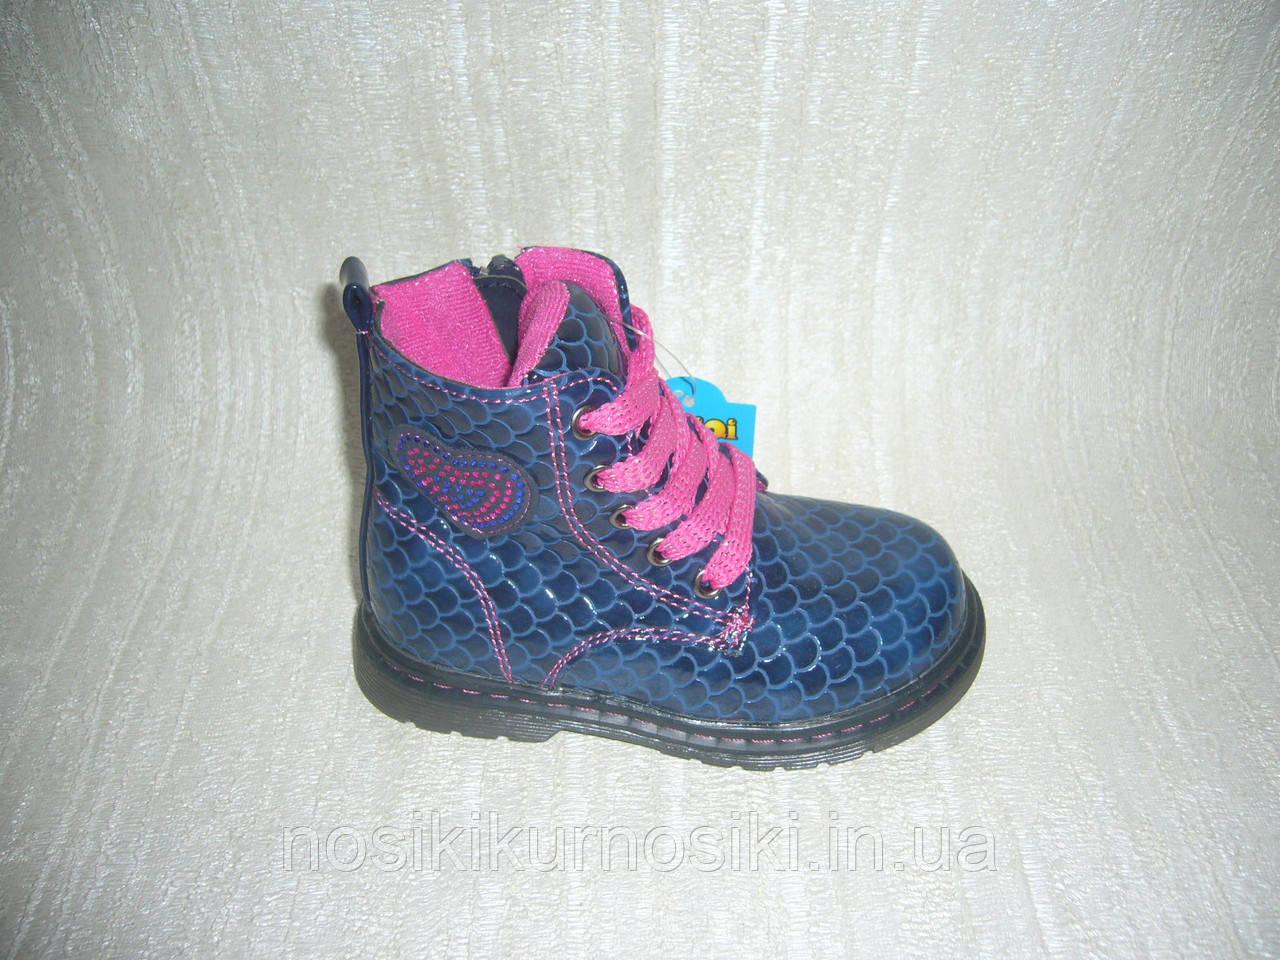 Демісезонні черевики для дівчаток Maiqi (Румунія) розміри 23, 25